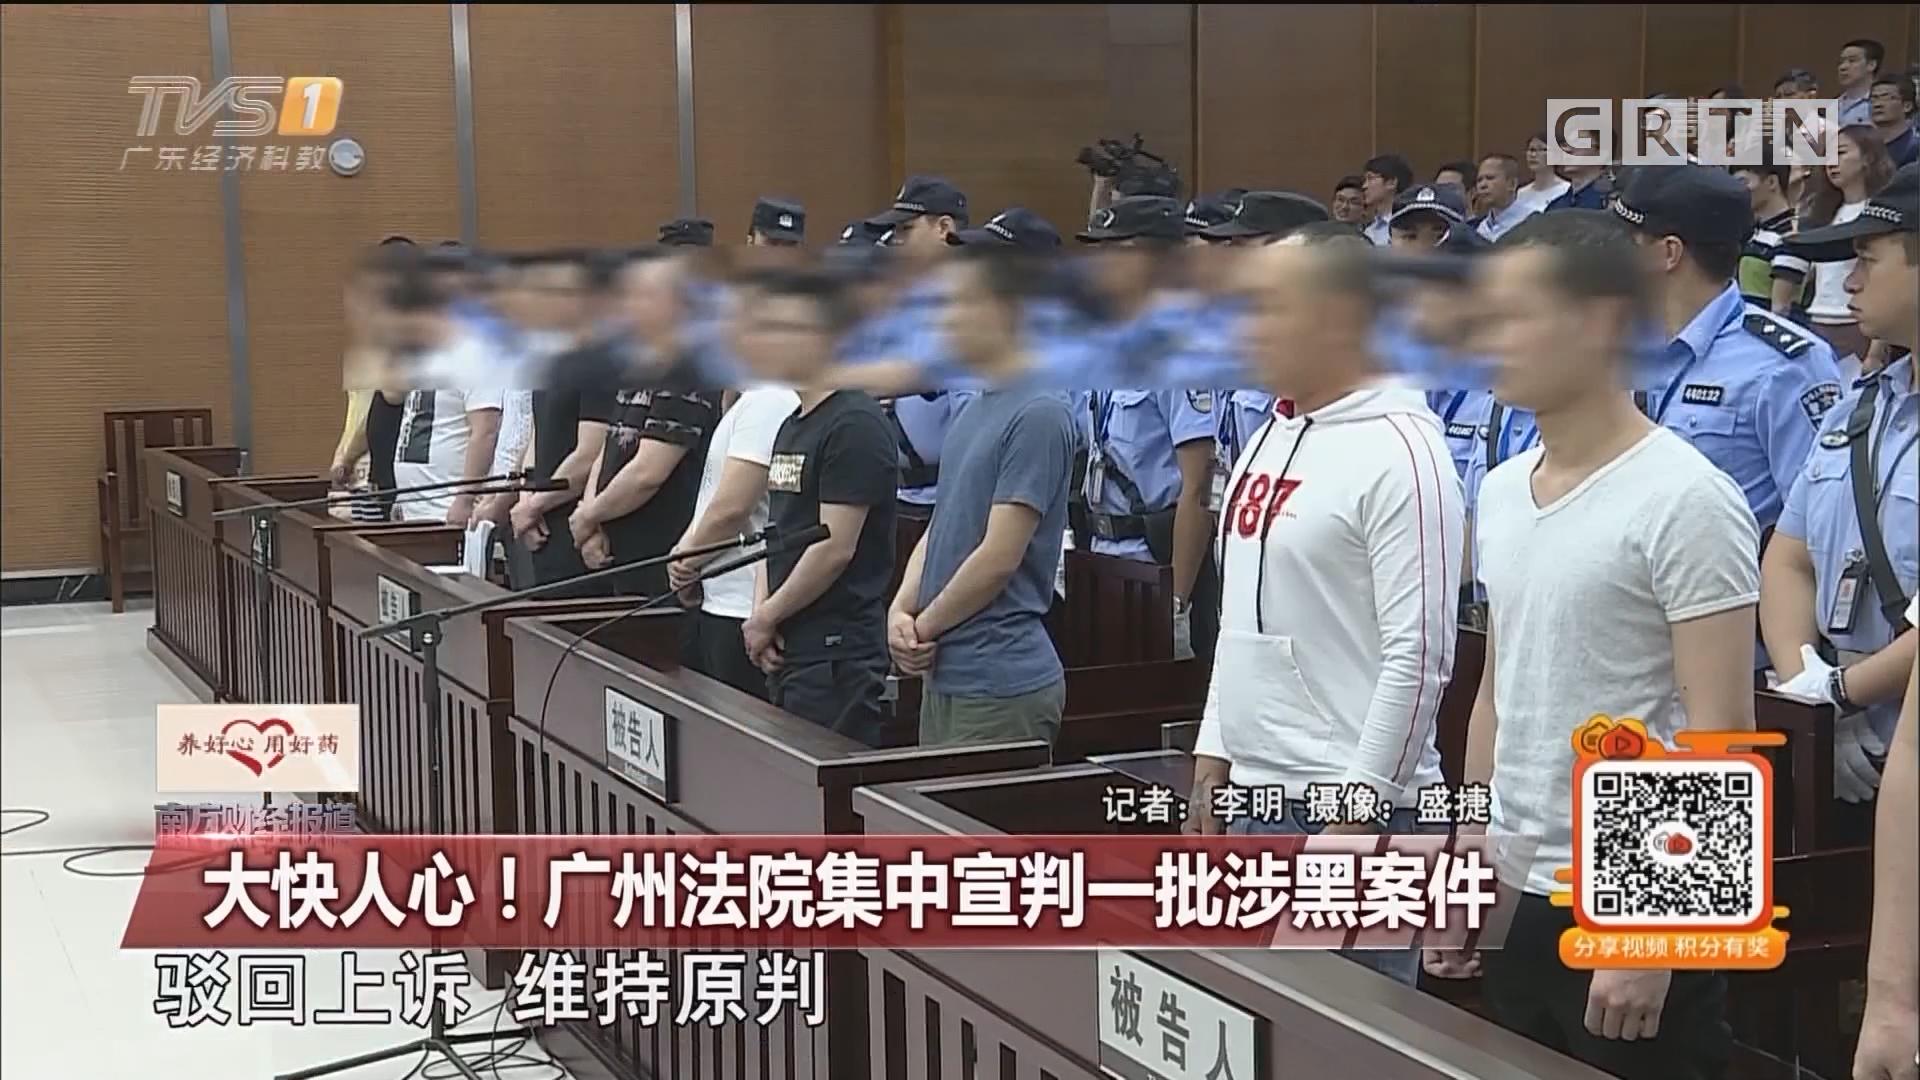 大快人心!广州法院集中宣判一批涉黑案件